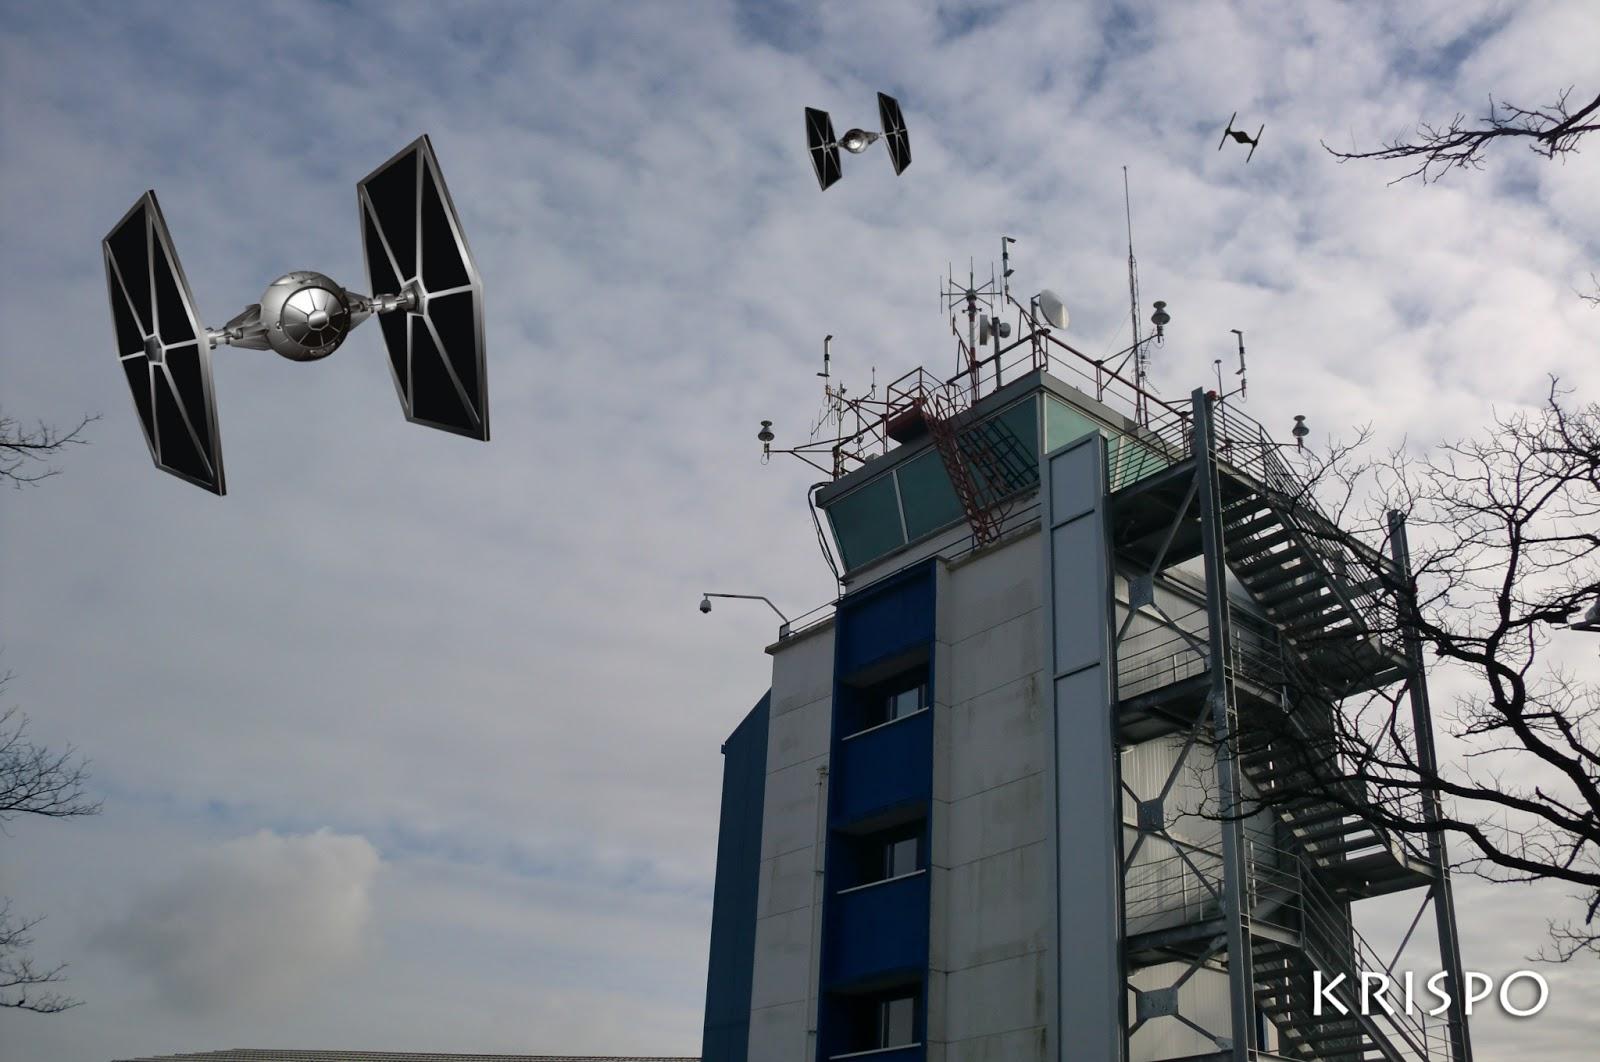 fotomontaje de Star Wars en Hondarribia